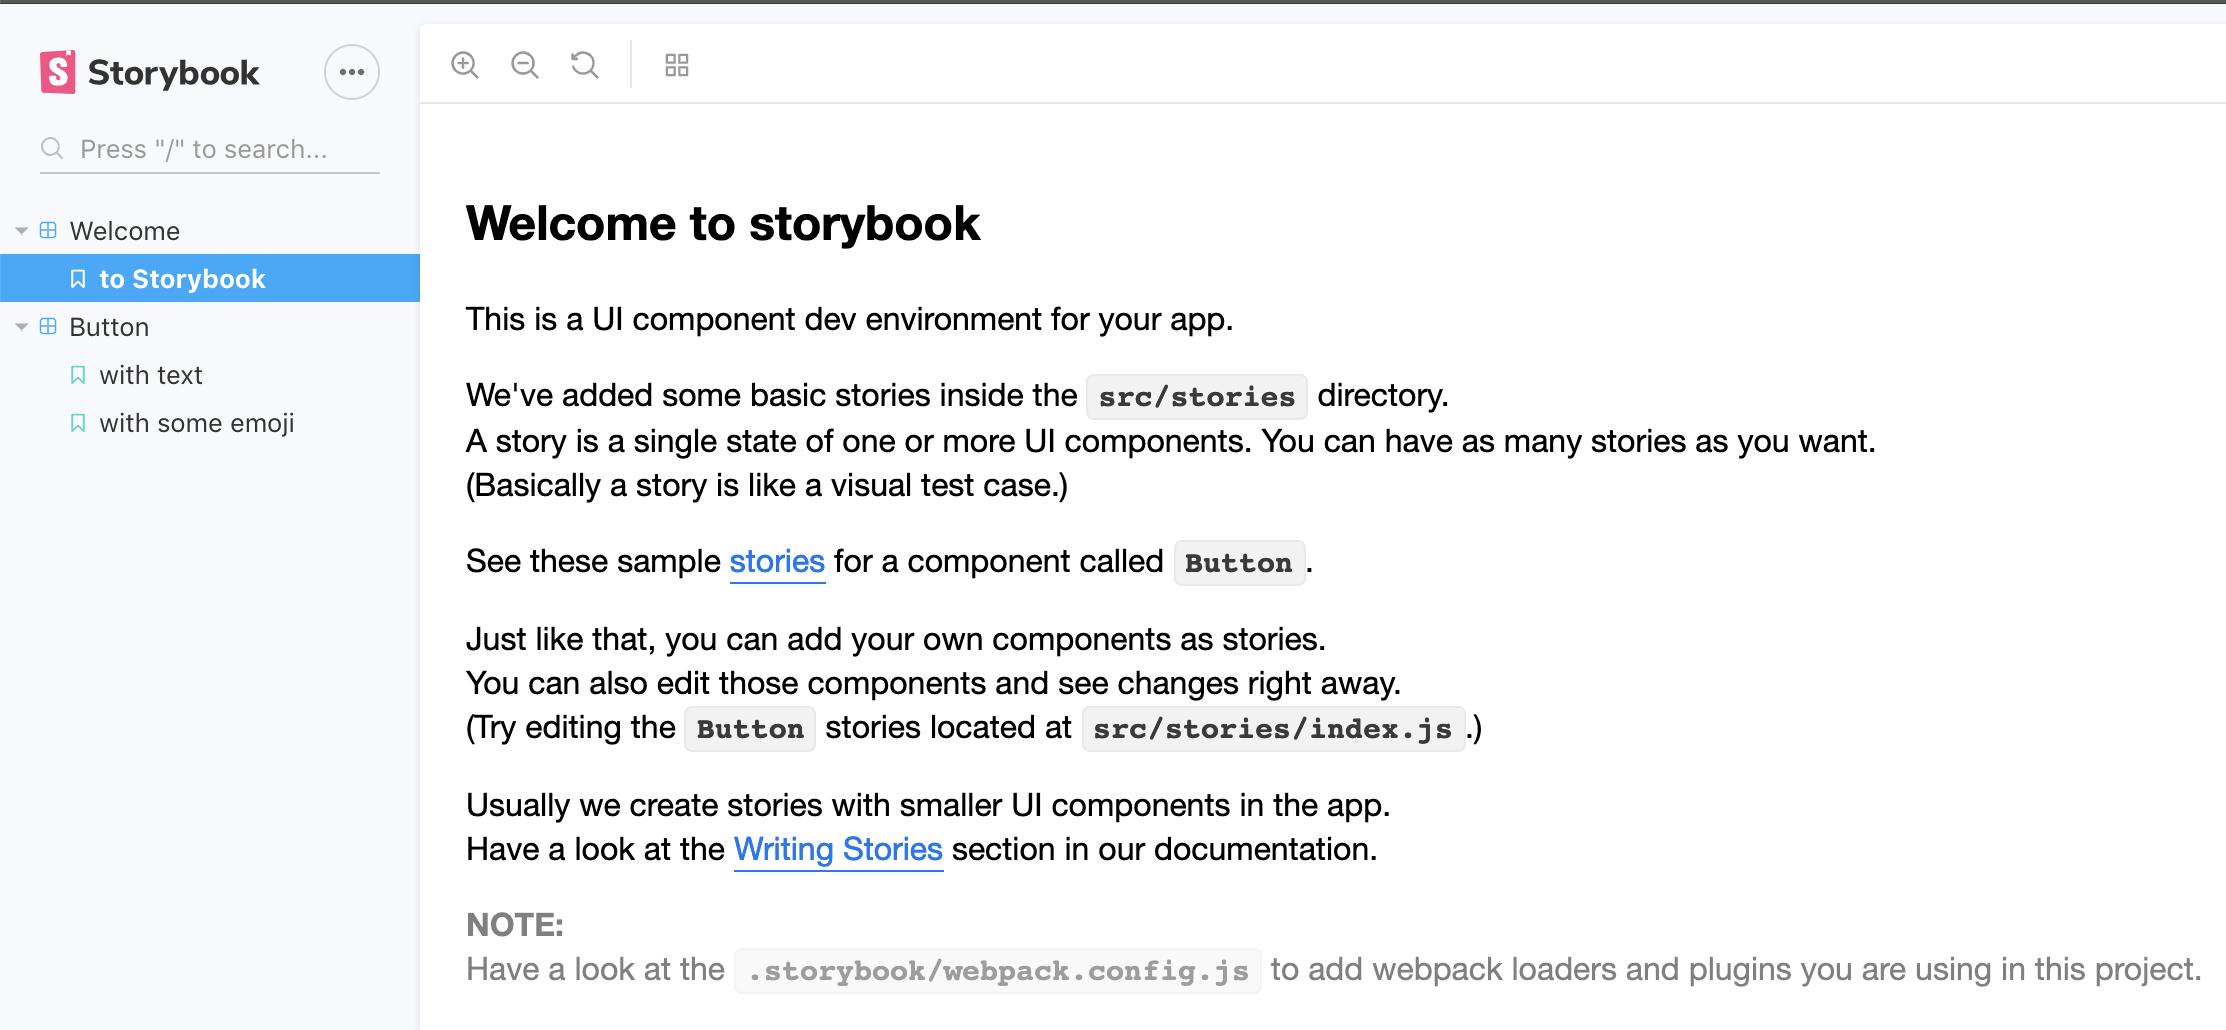 Storybook Homepage